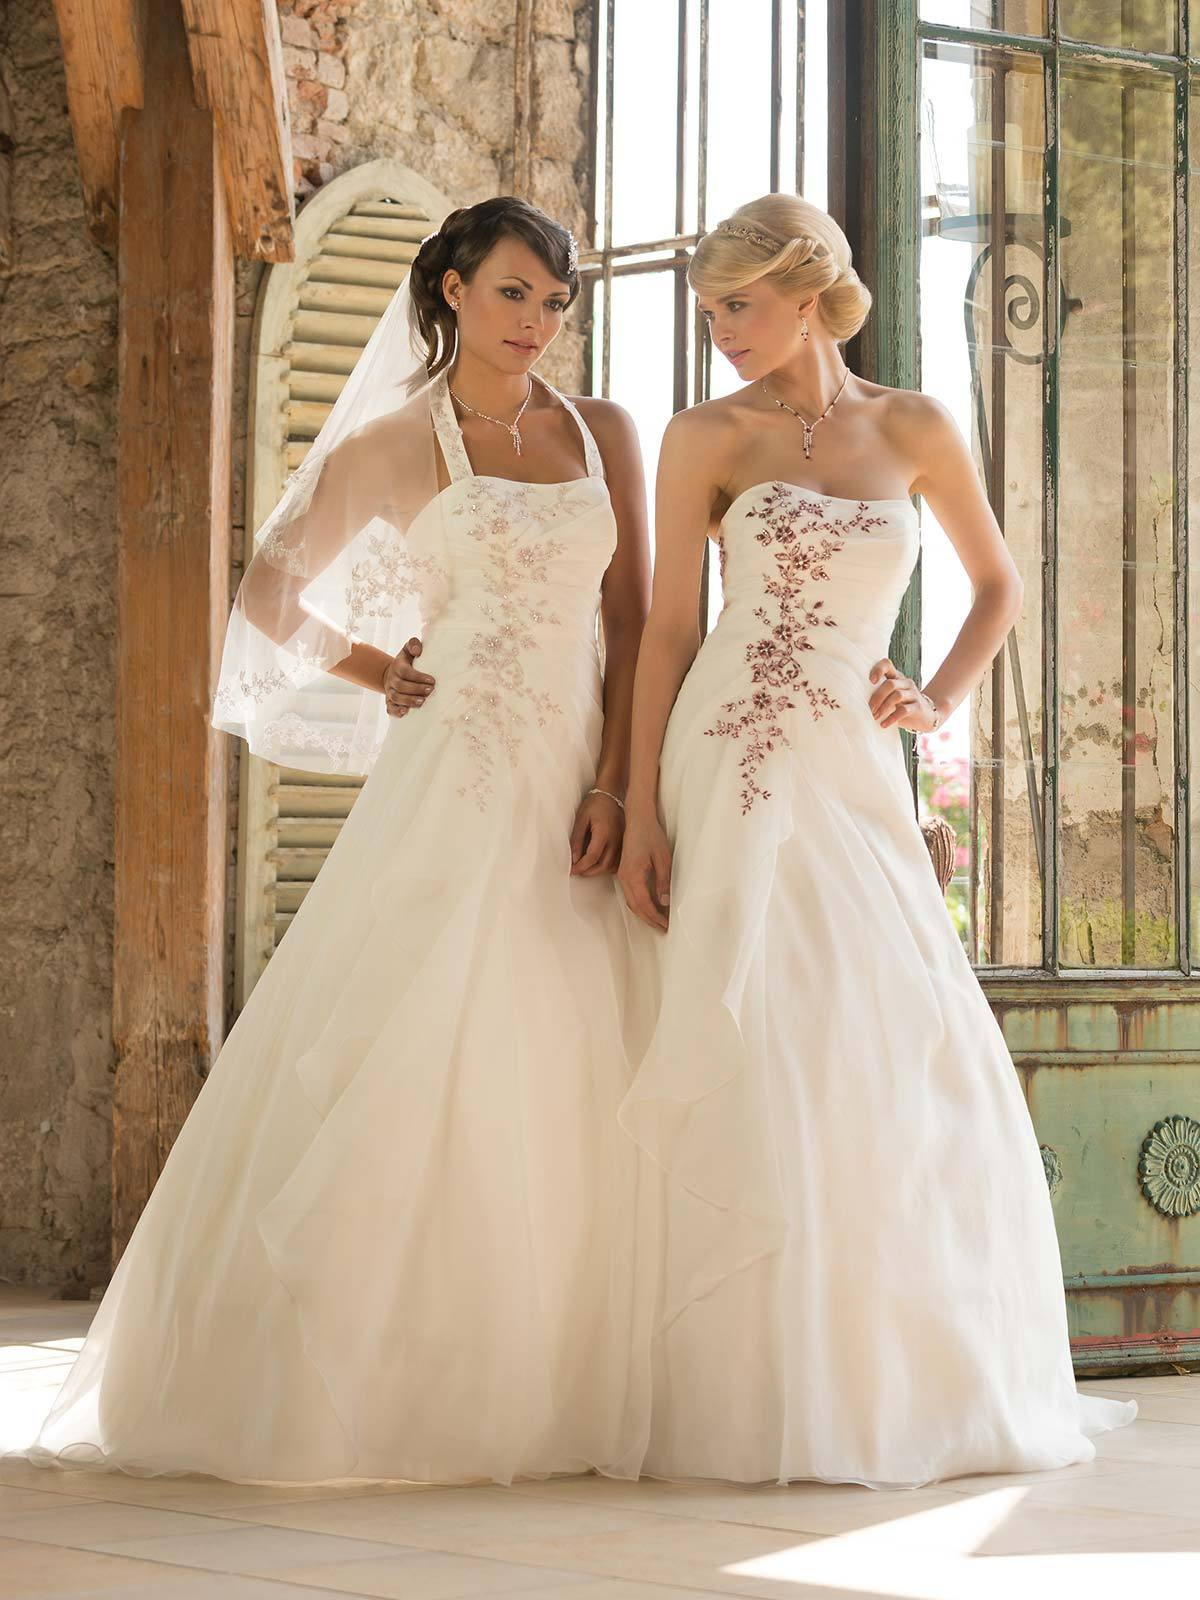 15 Elegant Weise Brautkleider Stylish15 Ausgezeichnet Weise Brautkleider Spezialgebiet